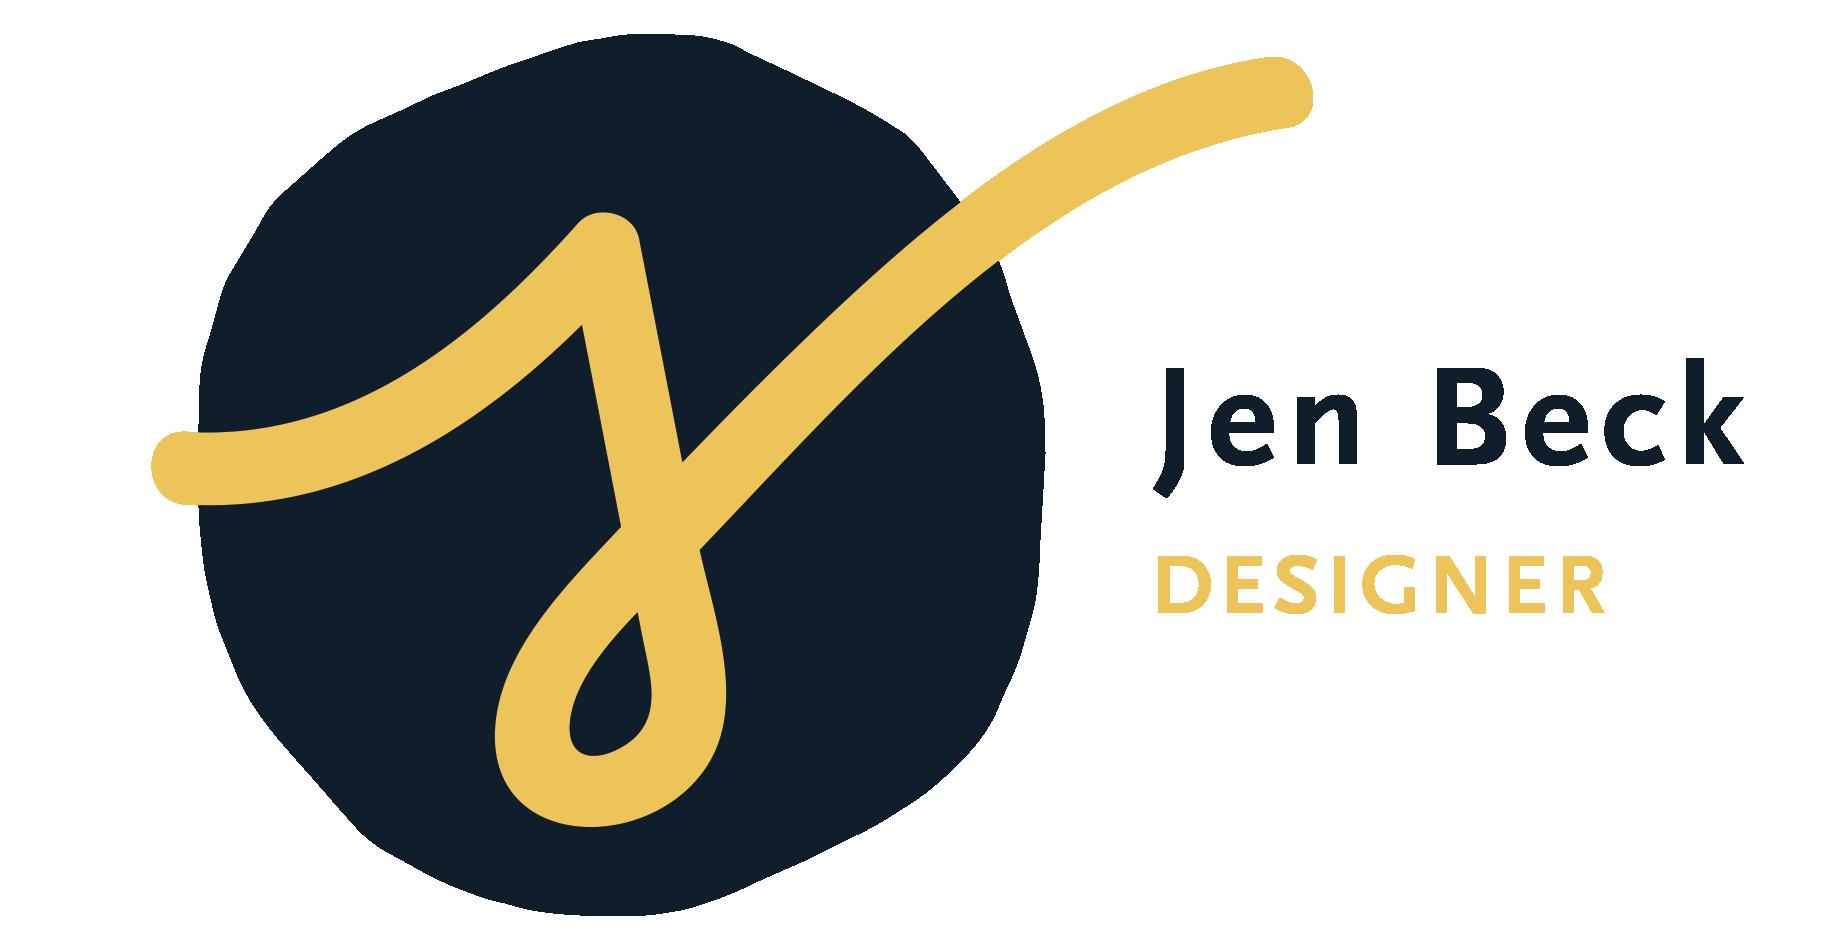 Jen Beck